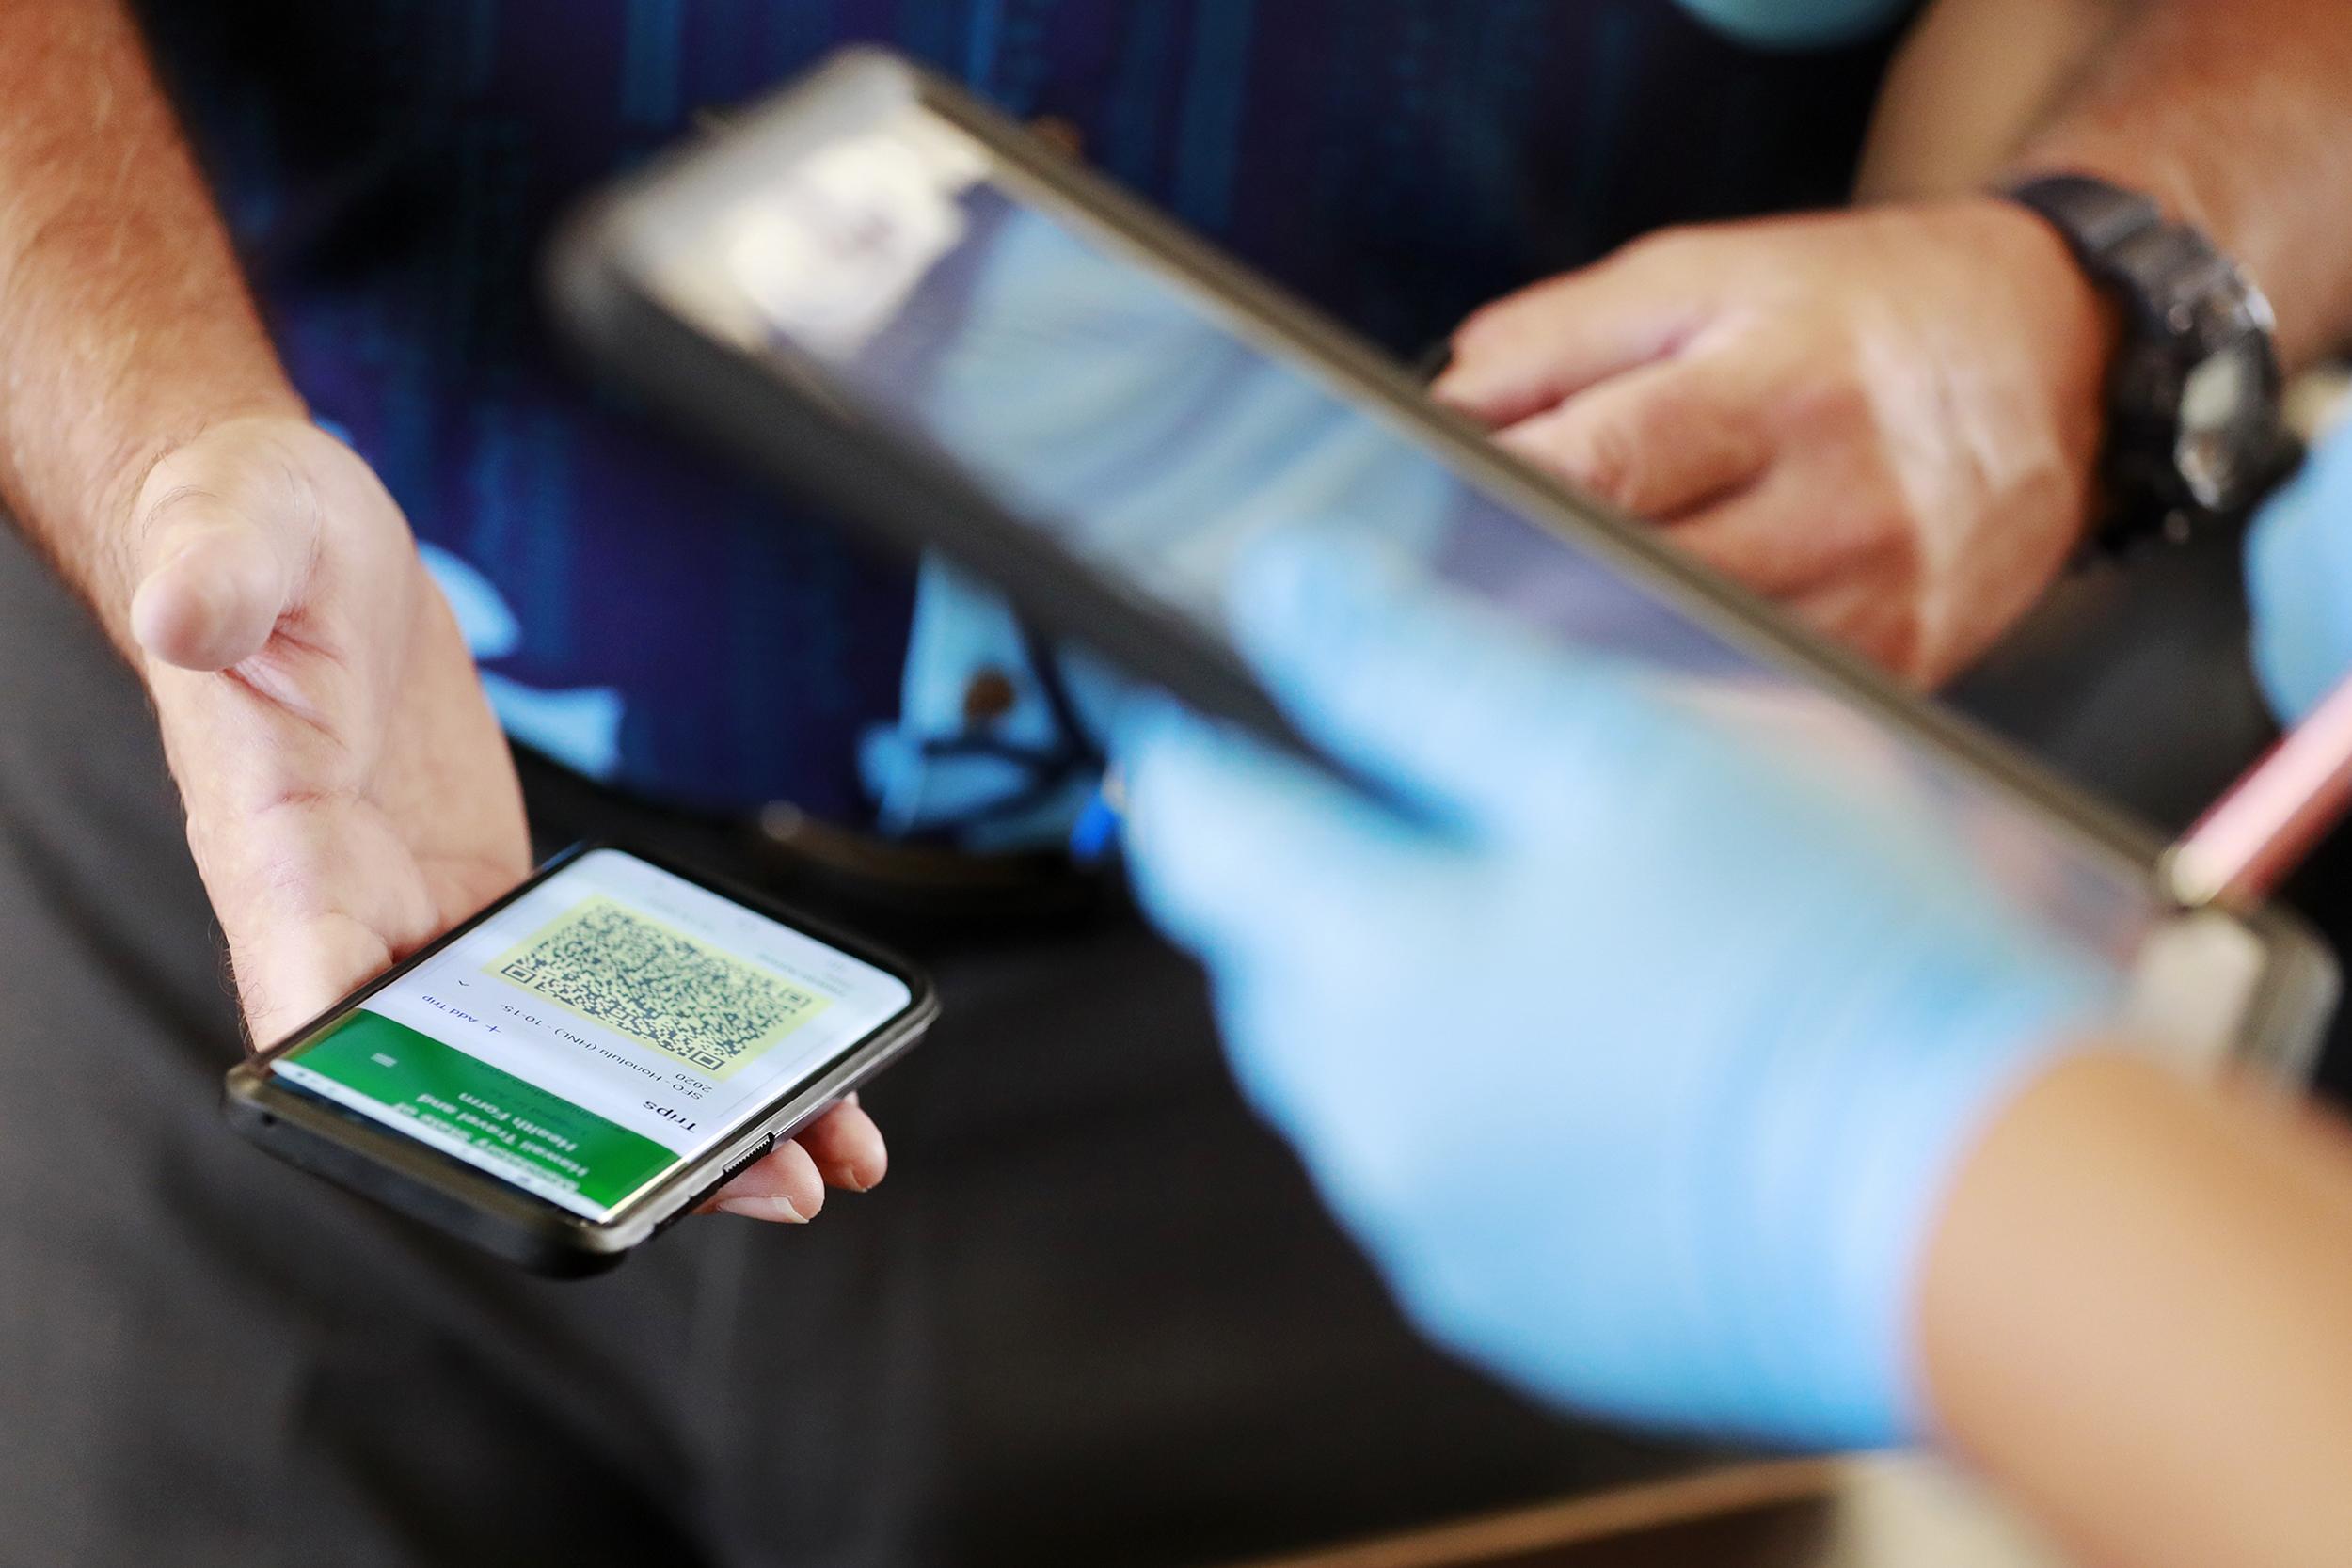 210218-hawaii-data-share-cellphone-2020-